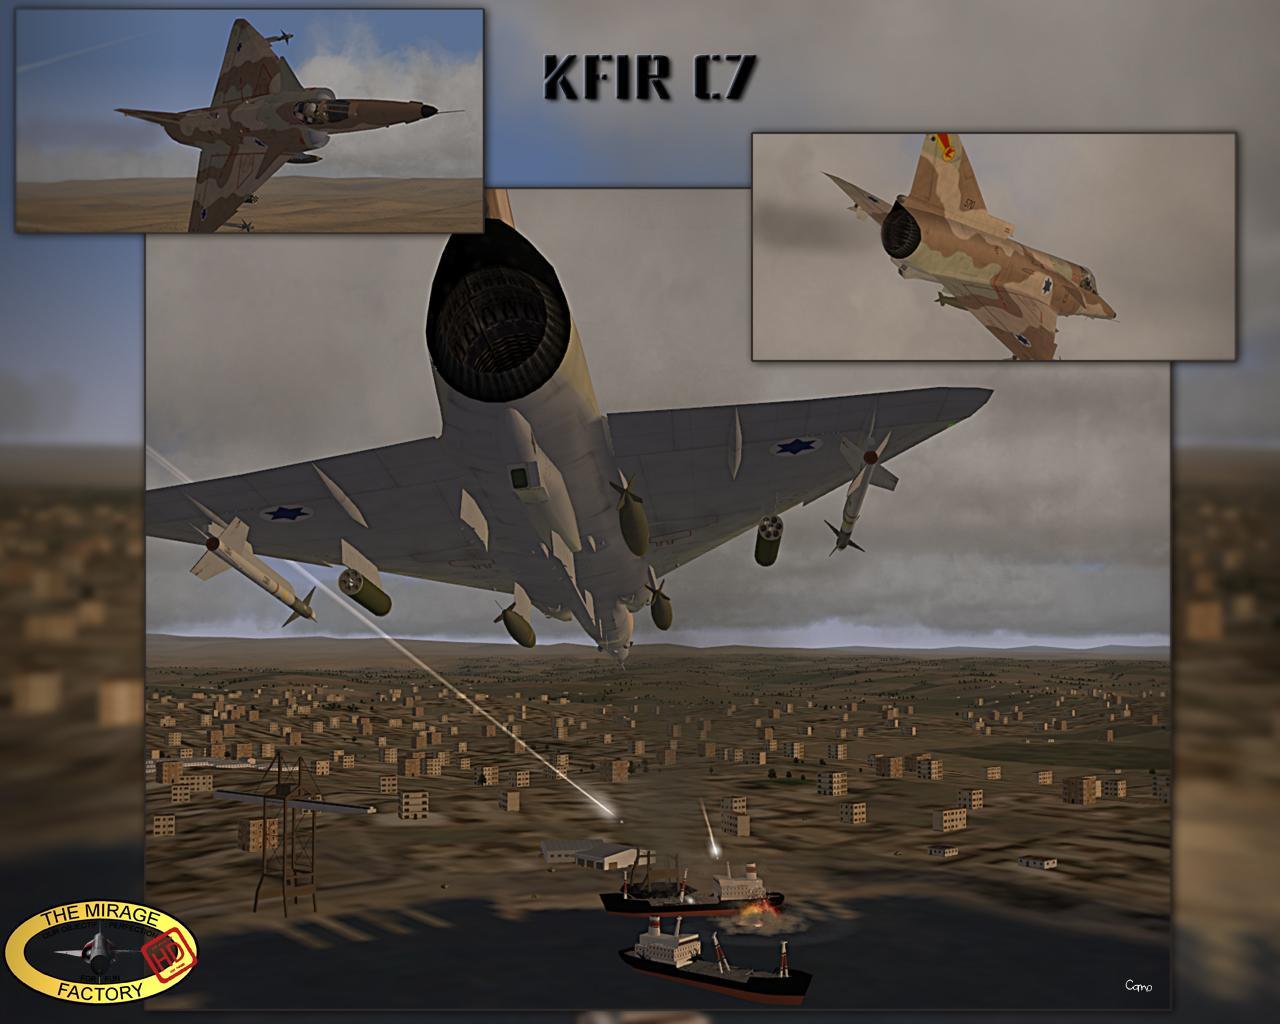 כפיר מדגם C7 של טייסת 144 שומרי הערבה